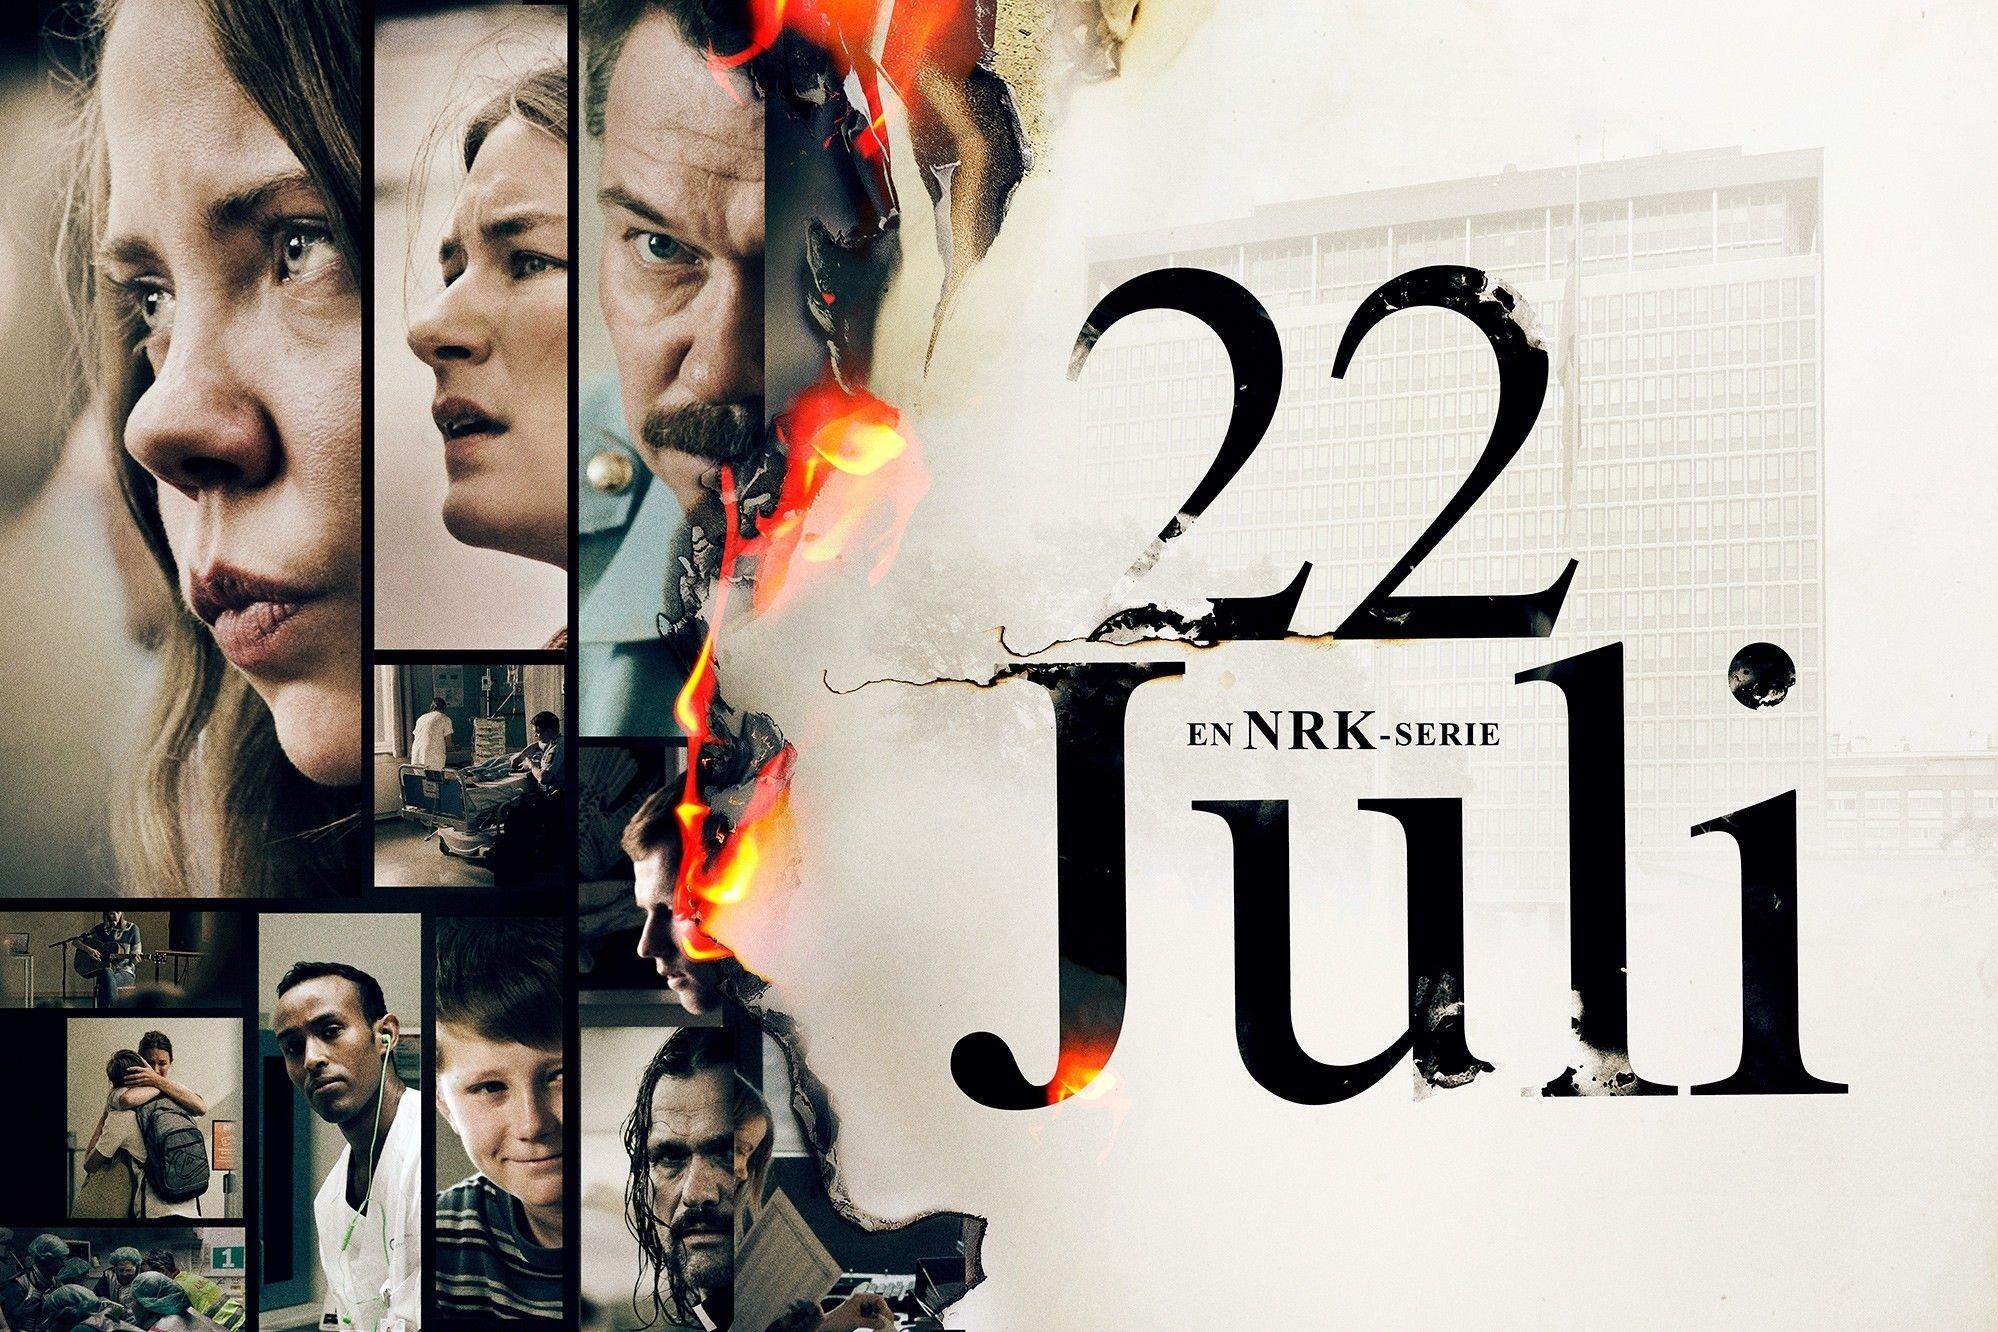 22 Juillet, la nouvelle série dramatique sur NRK